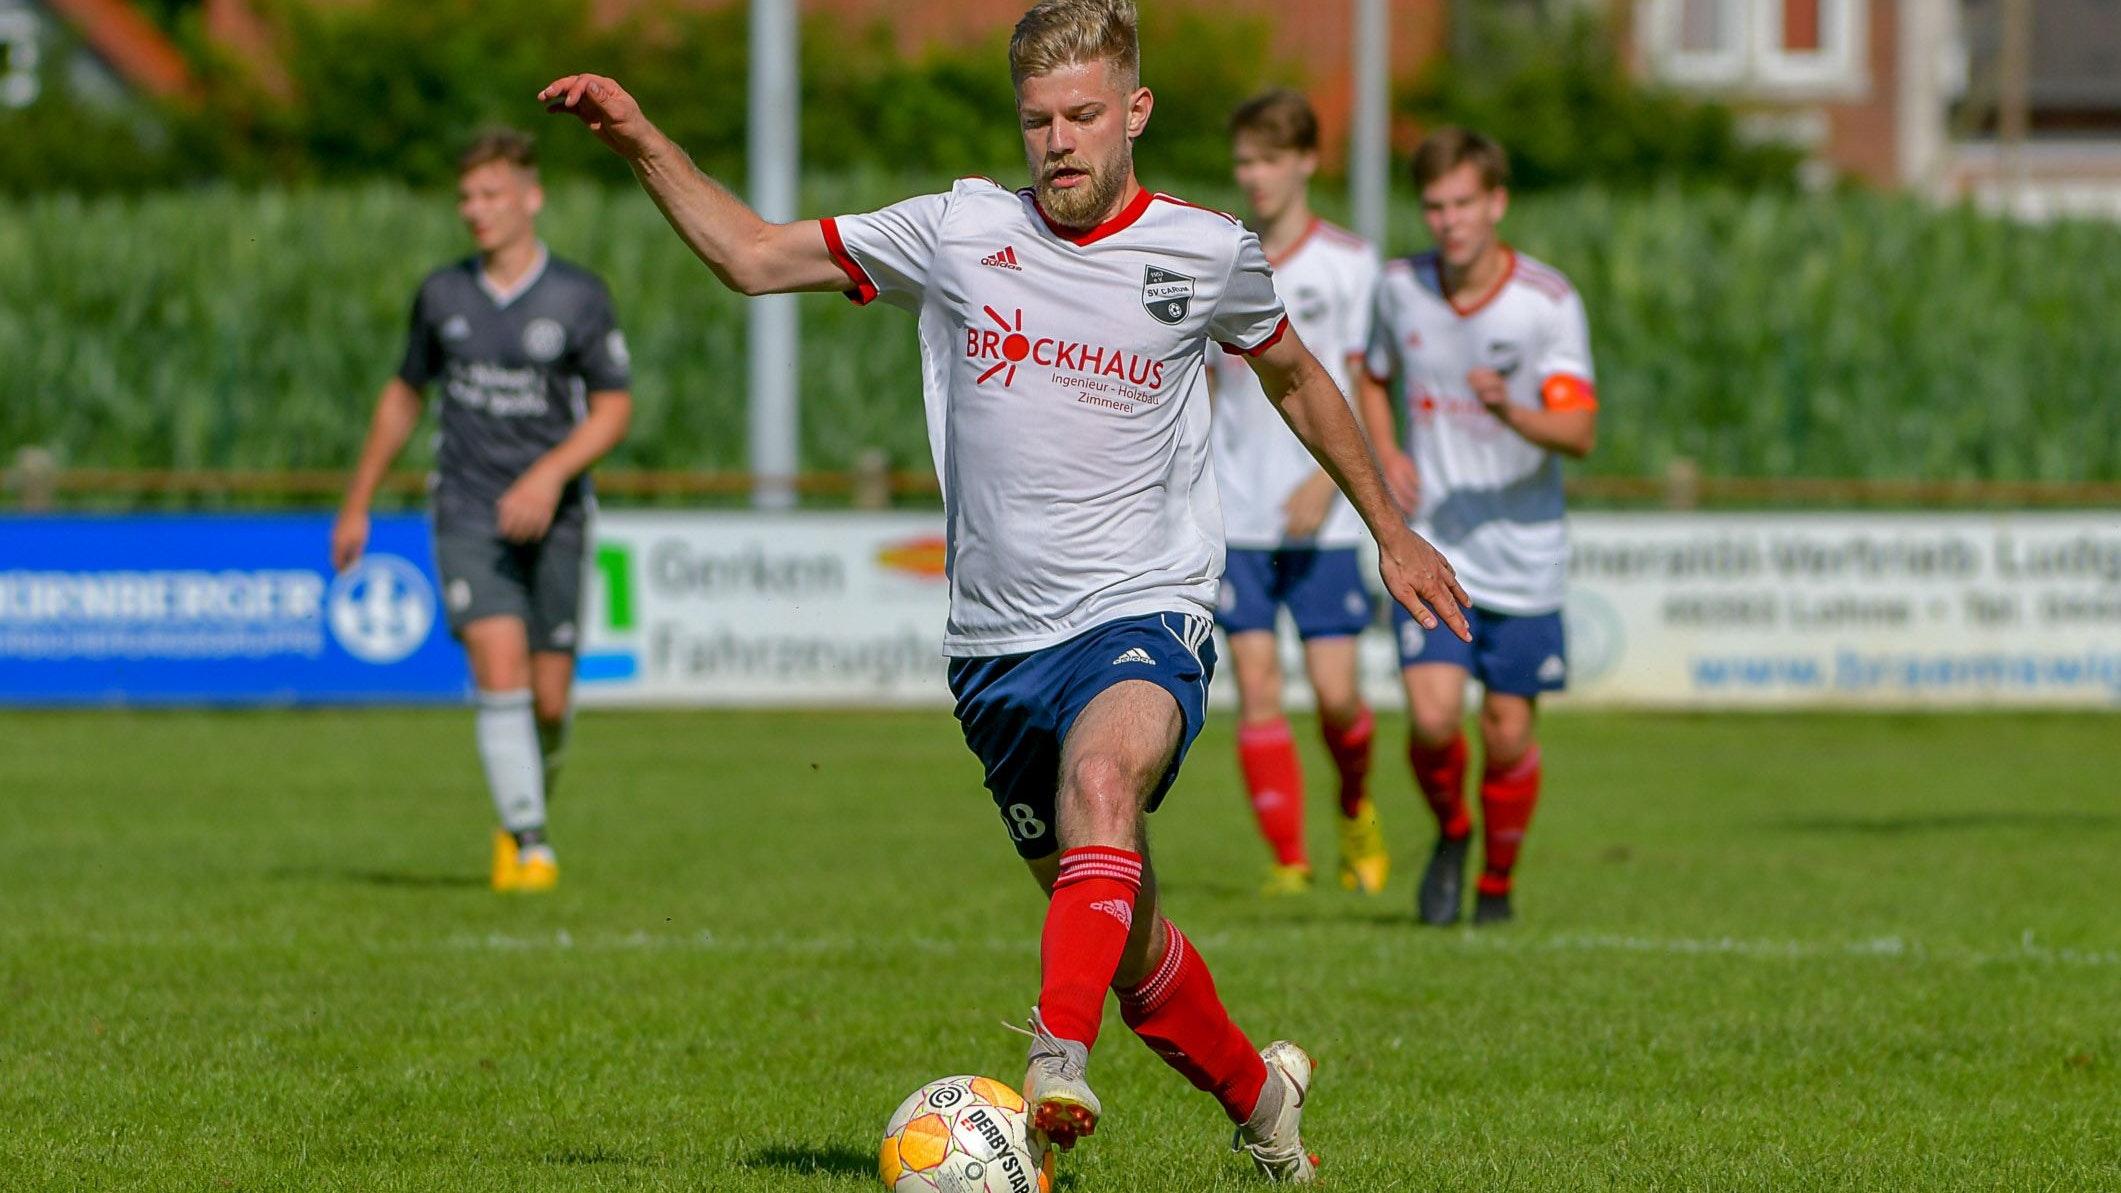 Vorwärts Richtung Gemeindepokal: Der Carumer Neuzugang Denis Boschmann im Testspiel gegen Holdorf II. Foto: Wenzel